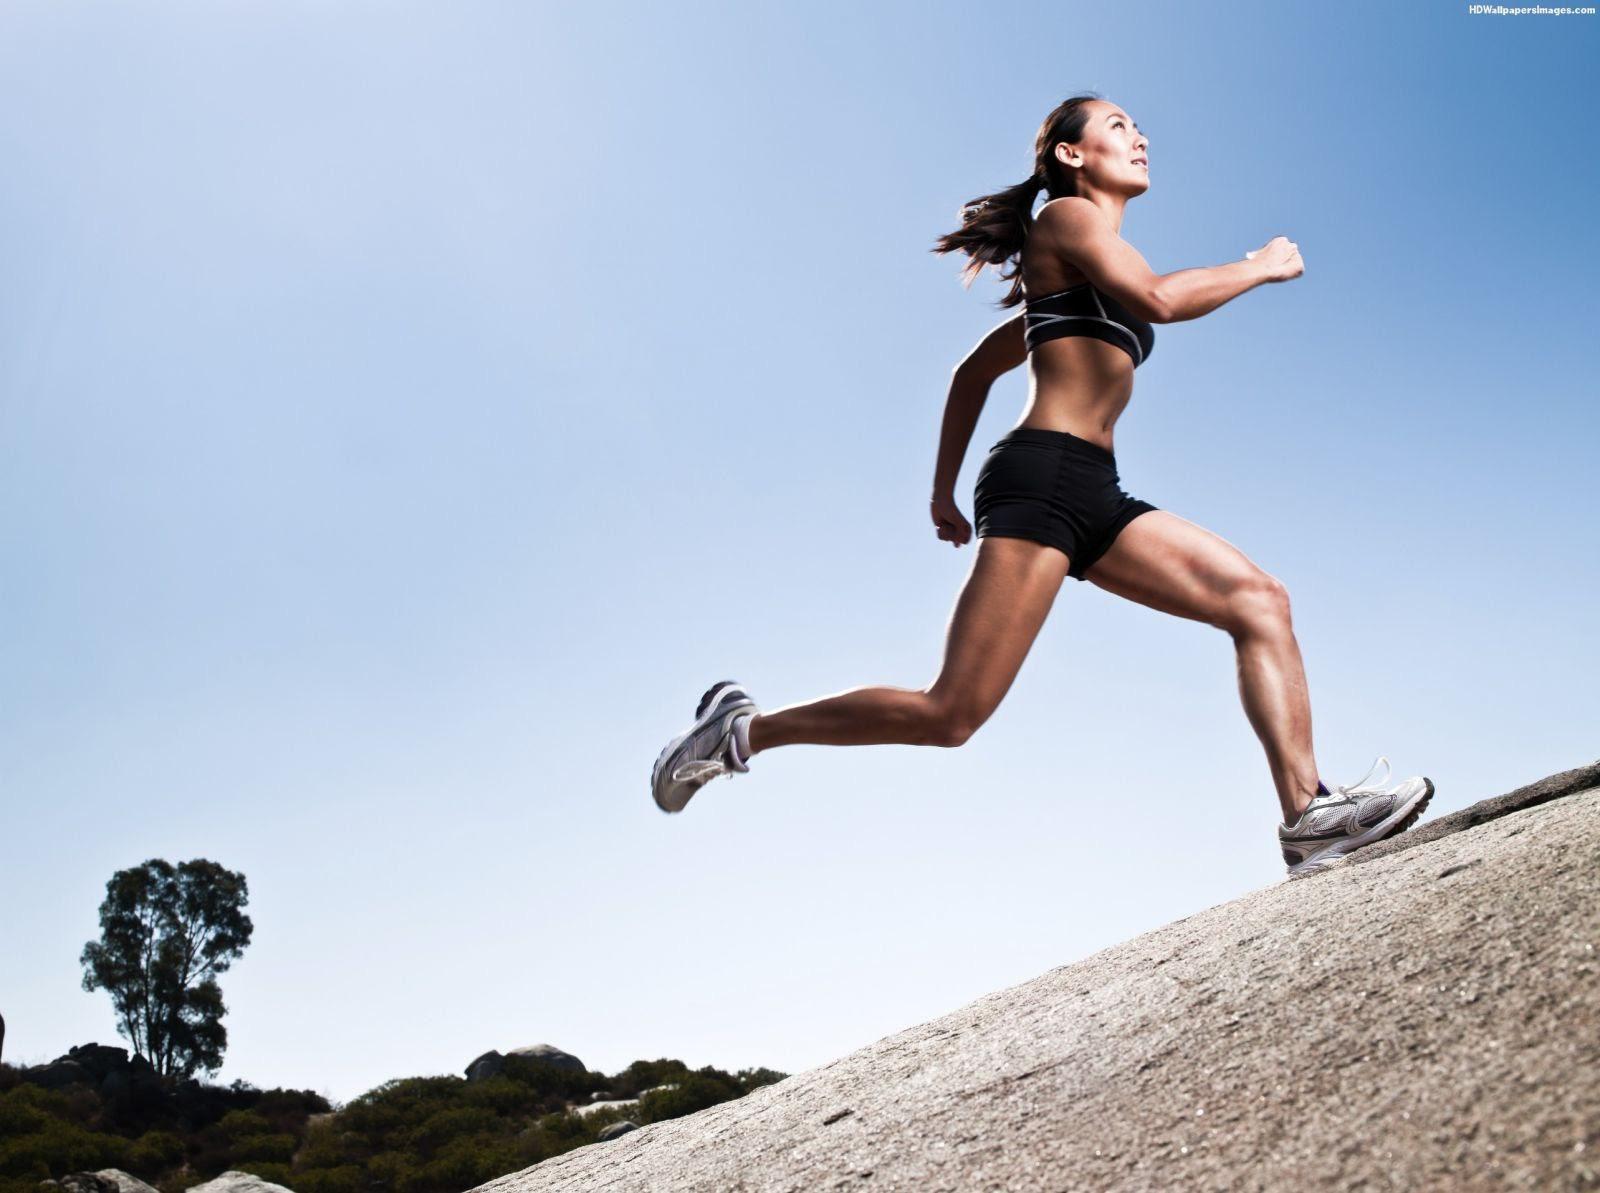 Nắm chắc trong tay 15 bài tập giảm mỡ bụng hiệu quả nhất được các huấn luyện viên thể hình khuyến cáo sử dụng - Ảnh 10.